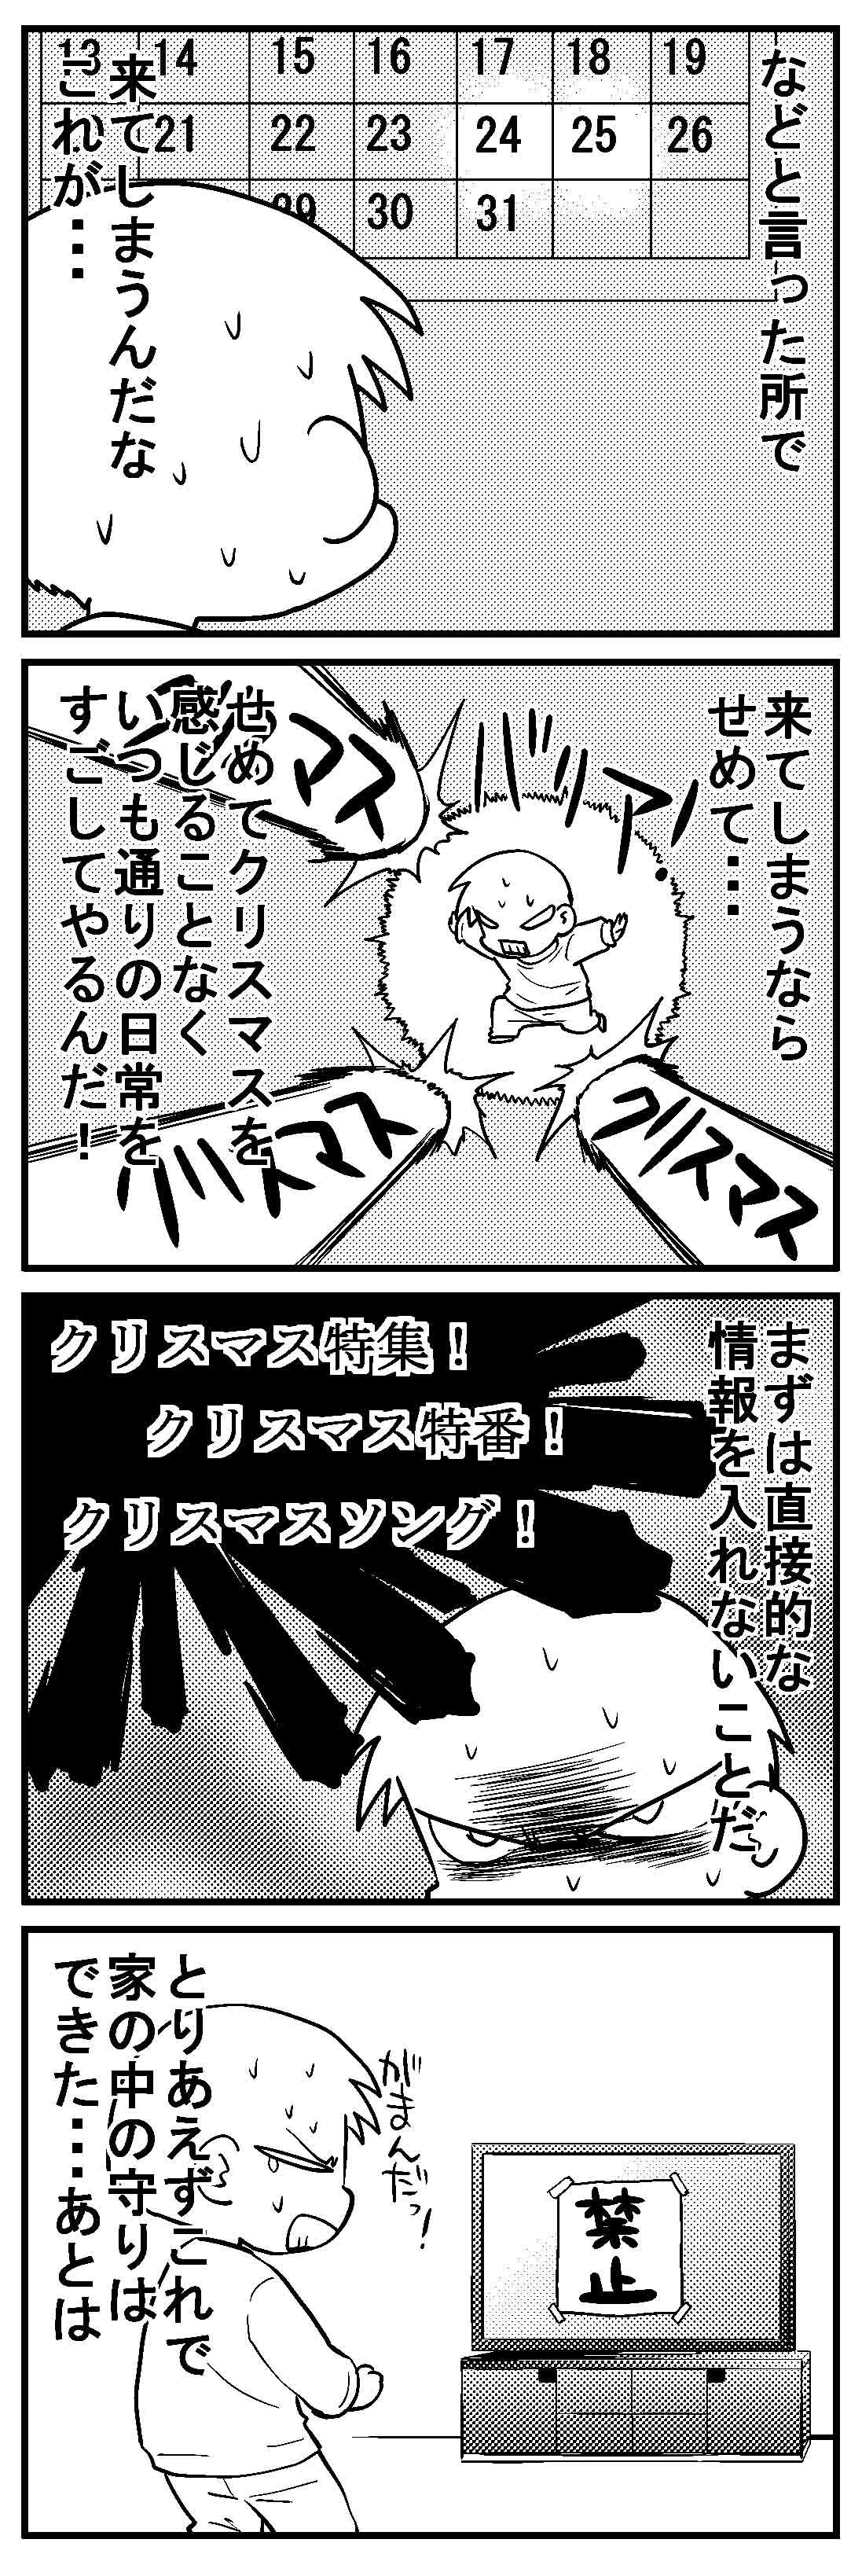 深読みくん33 2